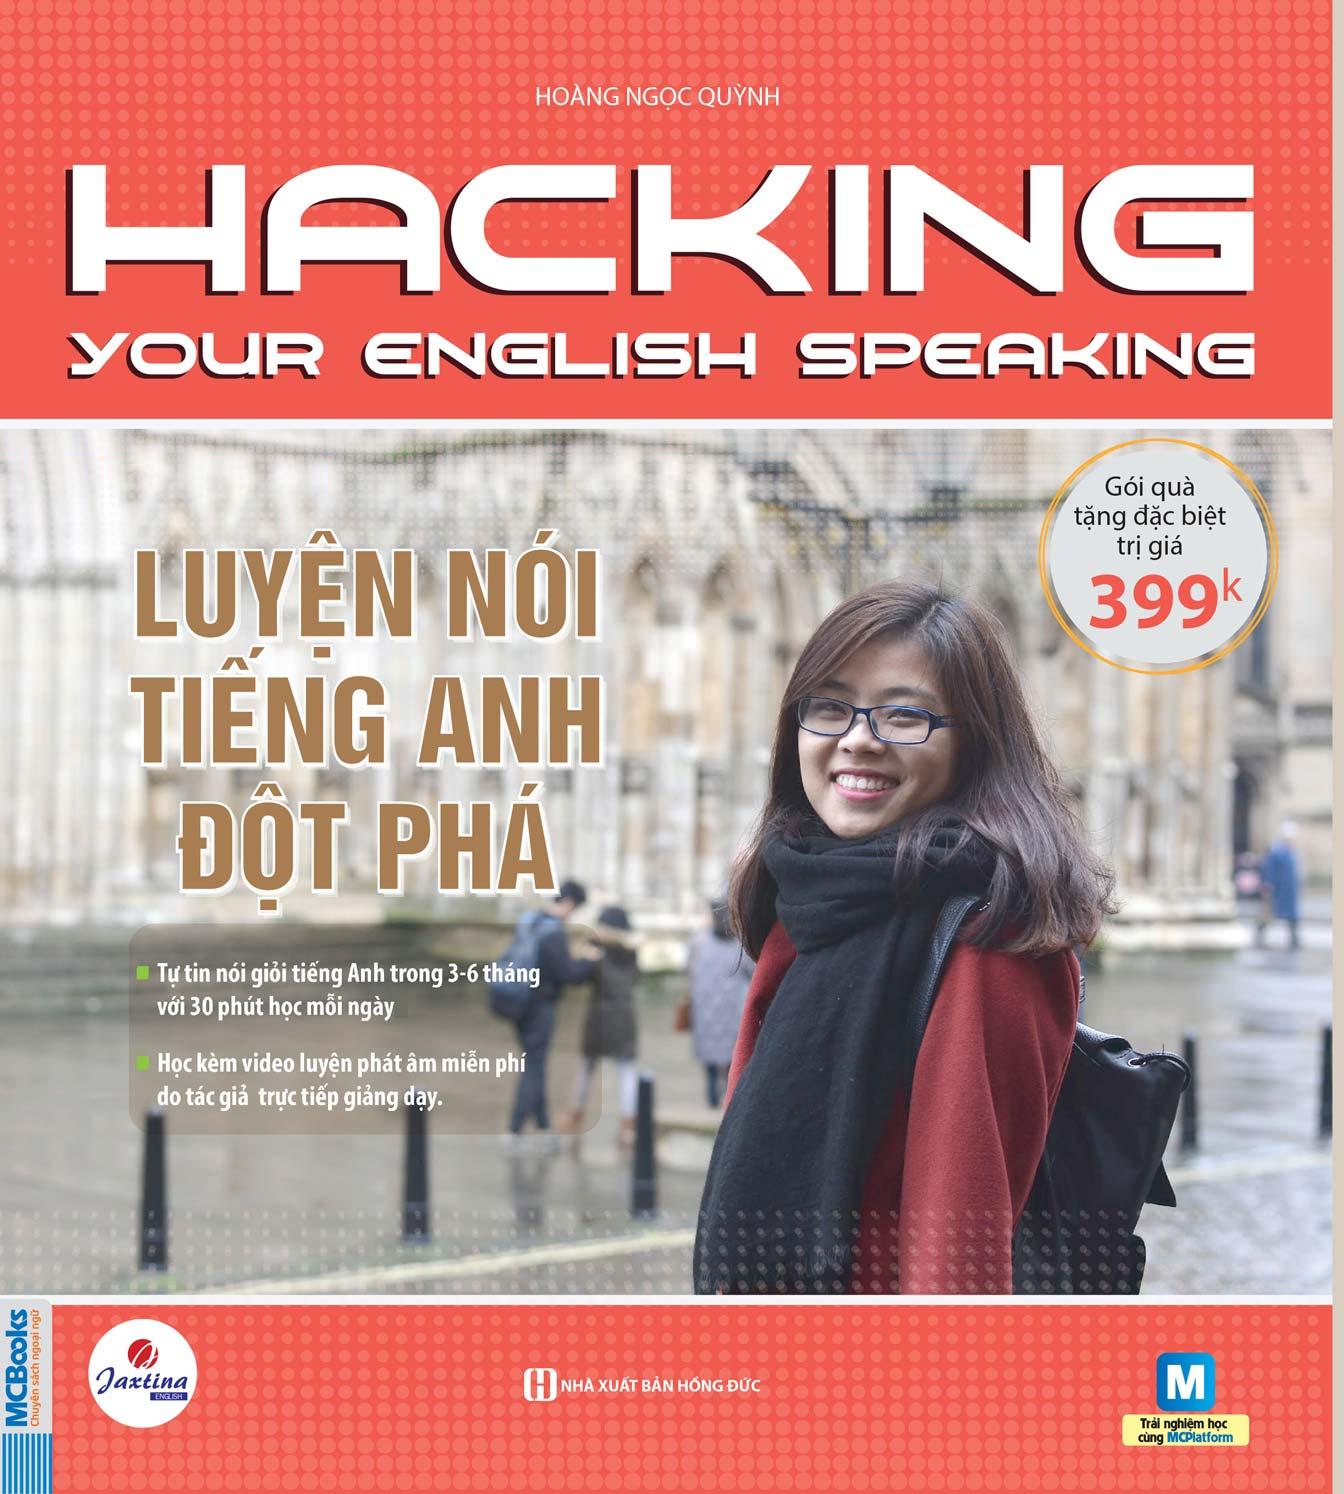 Hacking Your English Speaking - Luyện Nói Tiếng Anh Đột Phá (Gói Quà Tặng Đặc Biệt Trị Giá 399k)